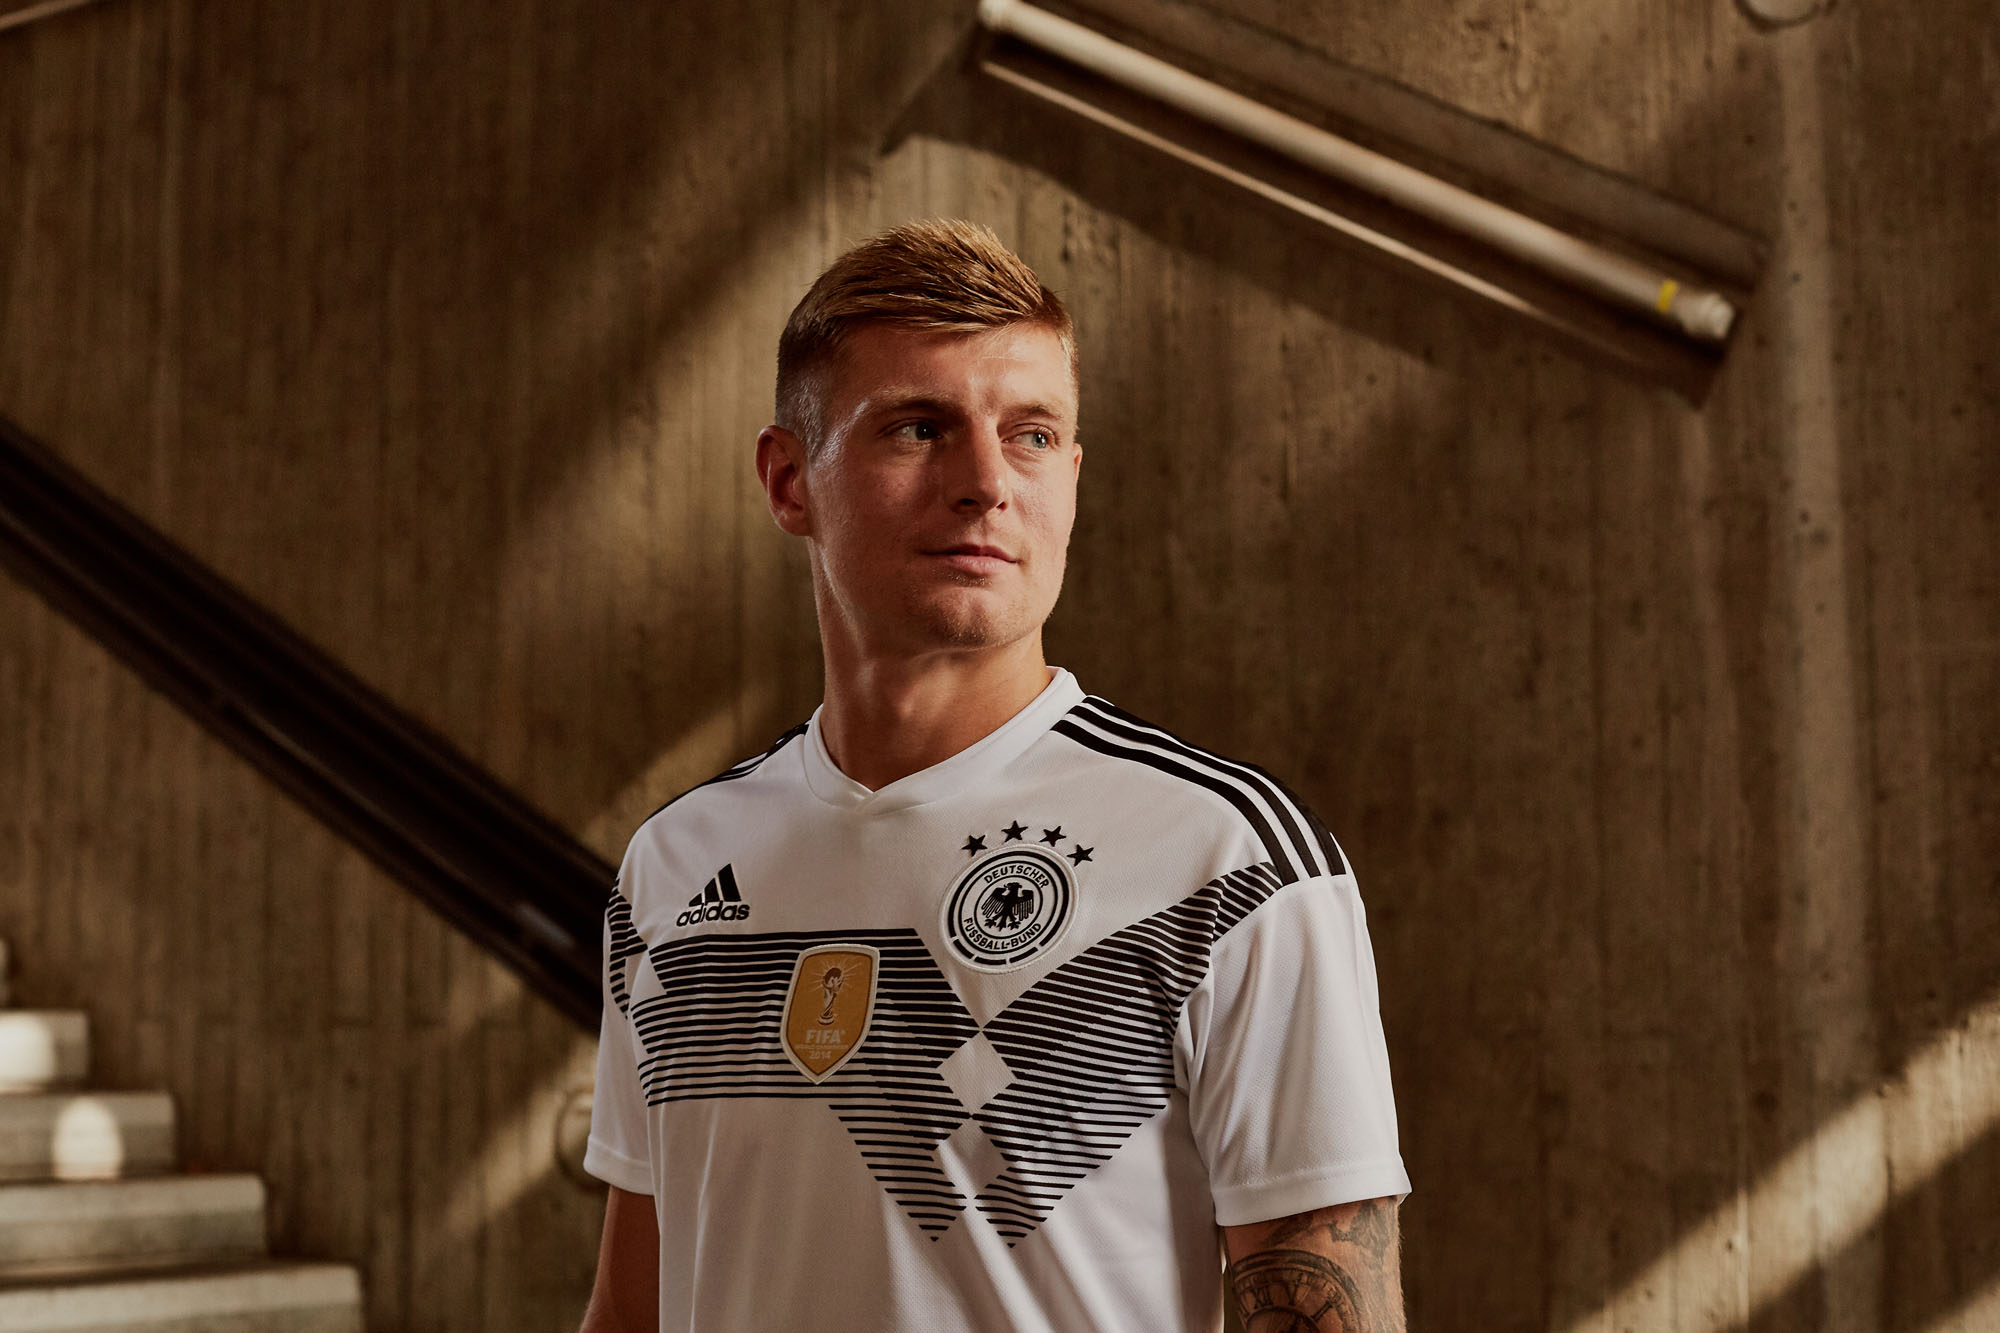 Les maillots adidas pour la Coupe du monde 2018 : c'était pas mieux avant ?